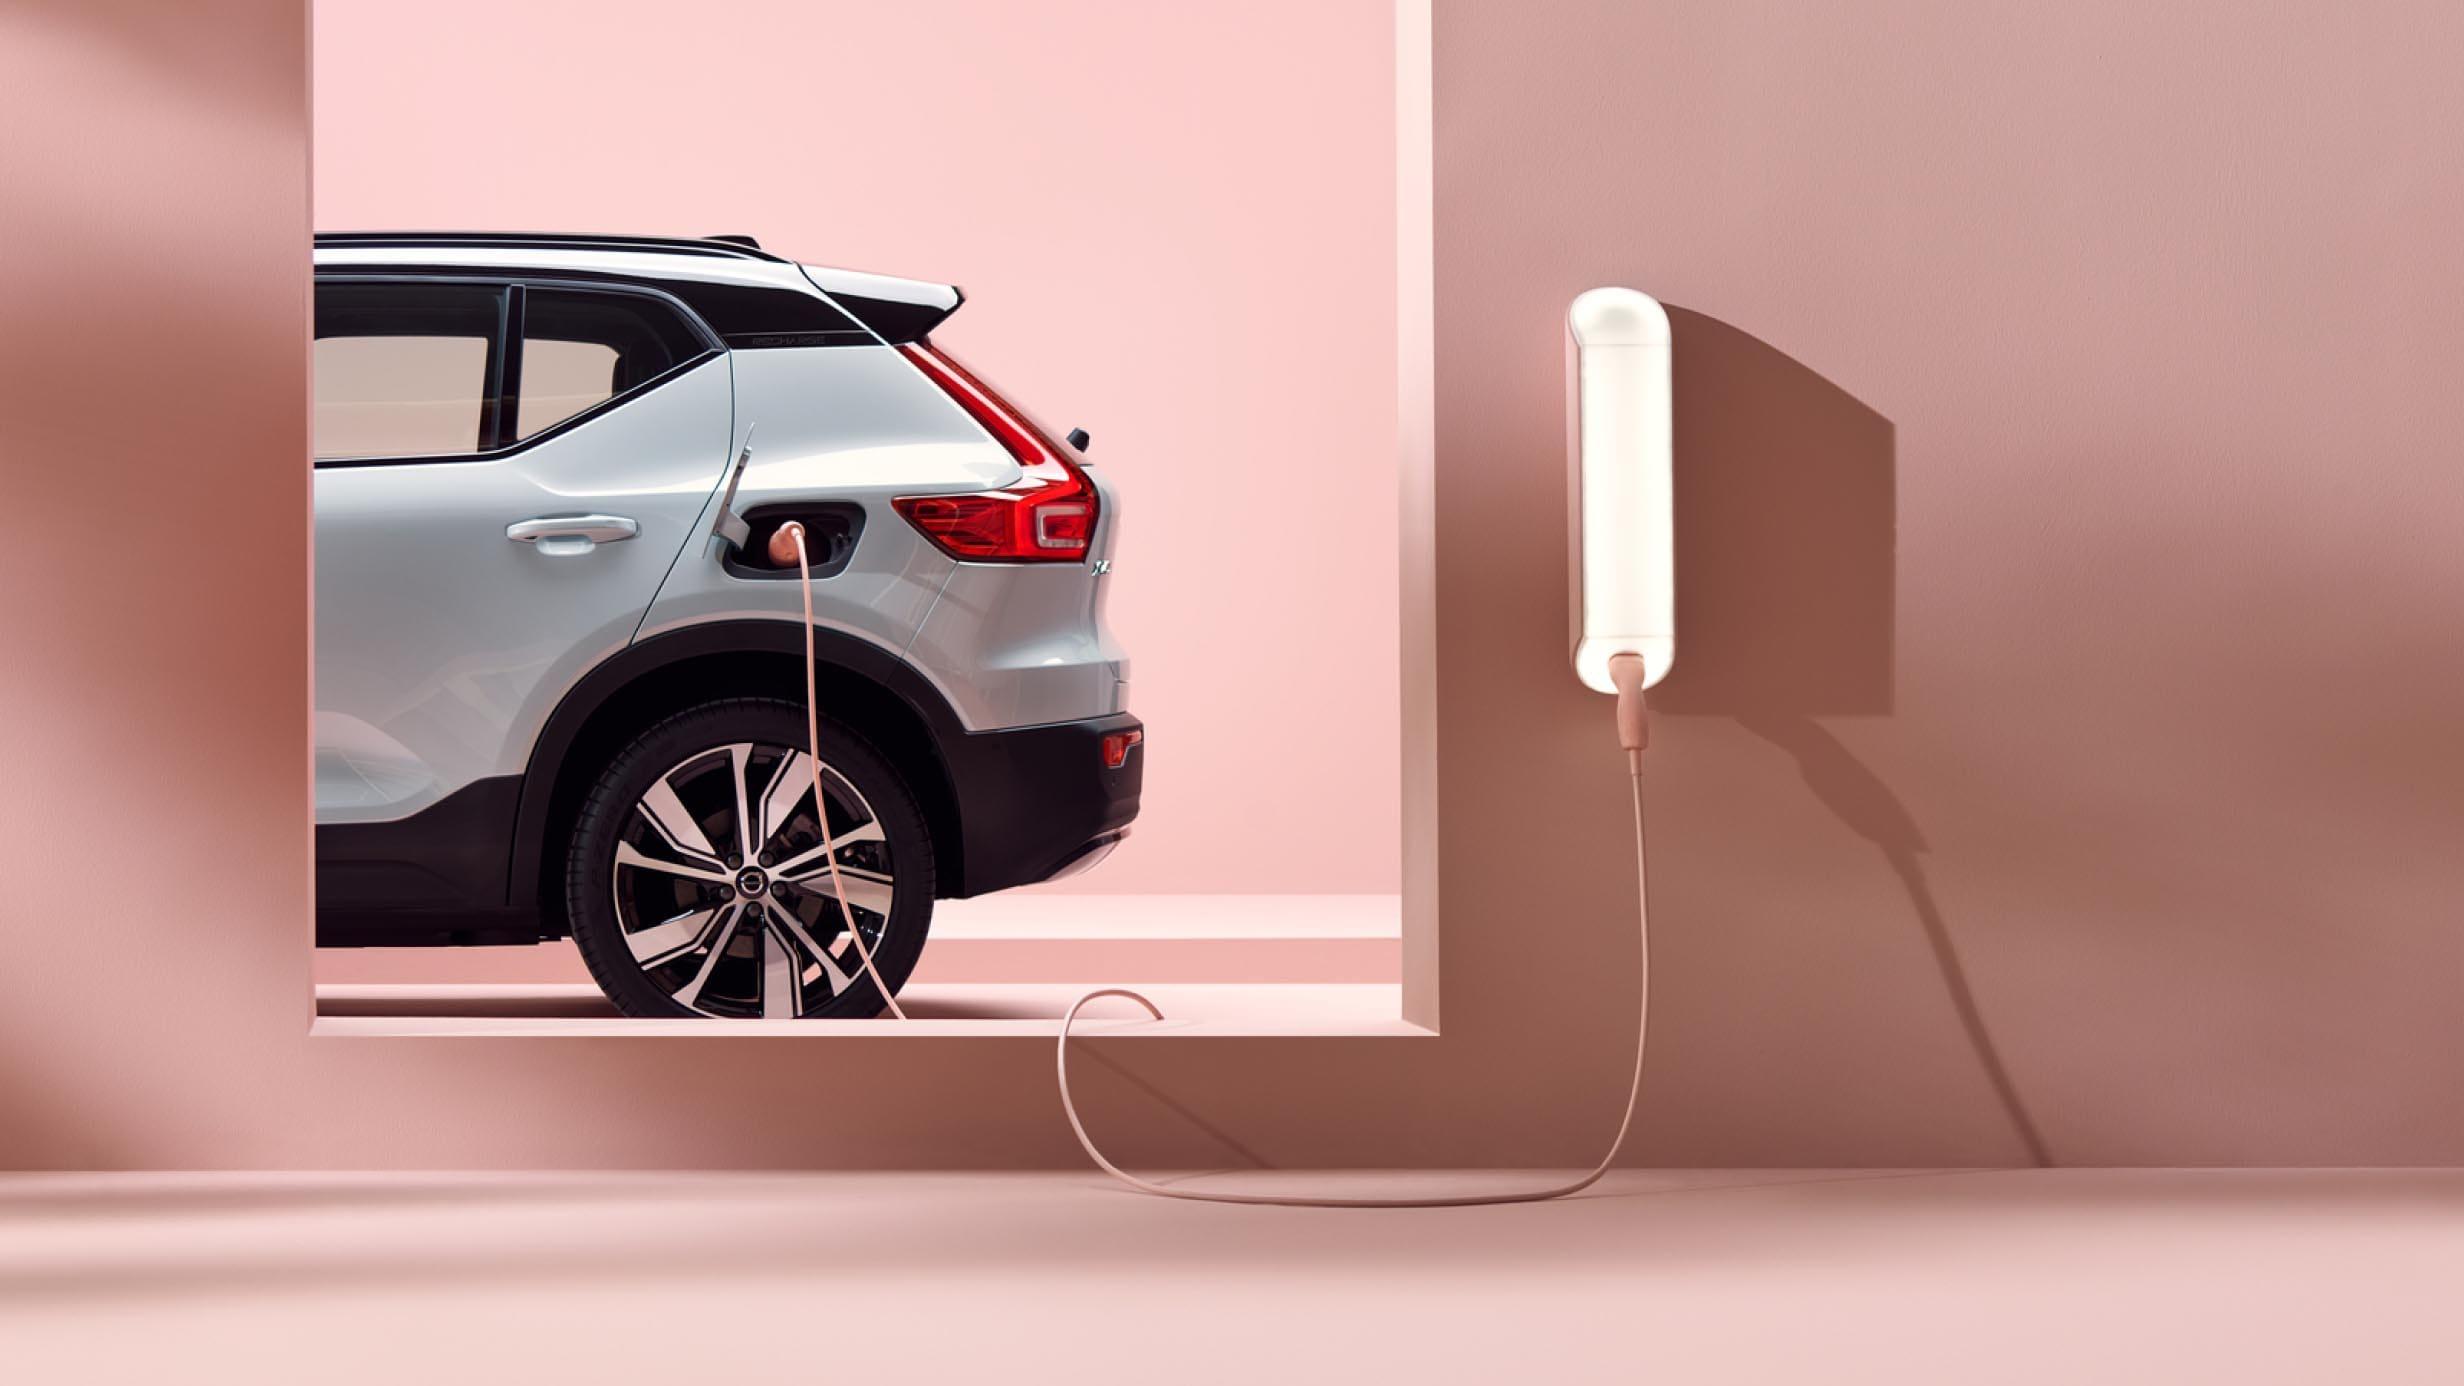 Серебристый электрический кроссовер Volvo XC40 Recharge заряжается в розовой обстановке.